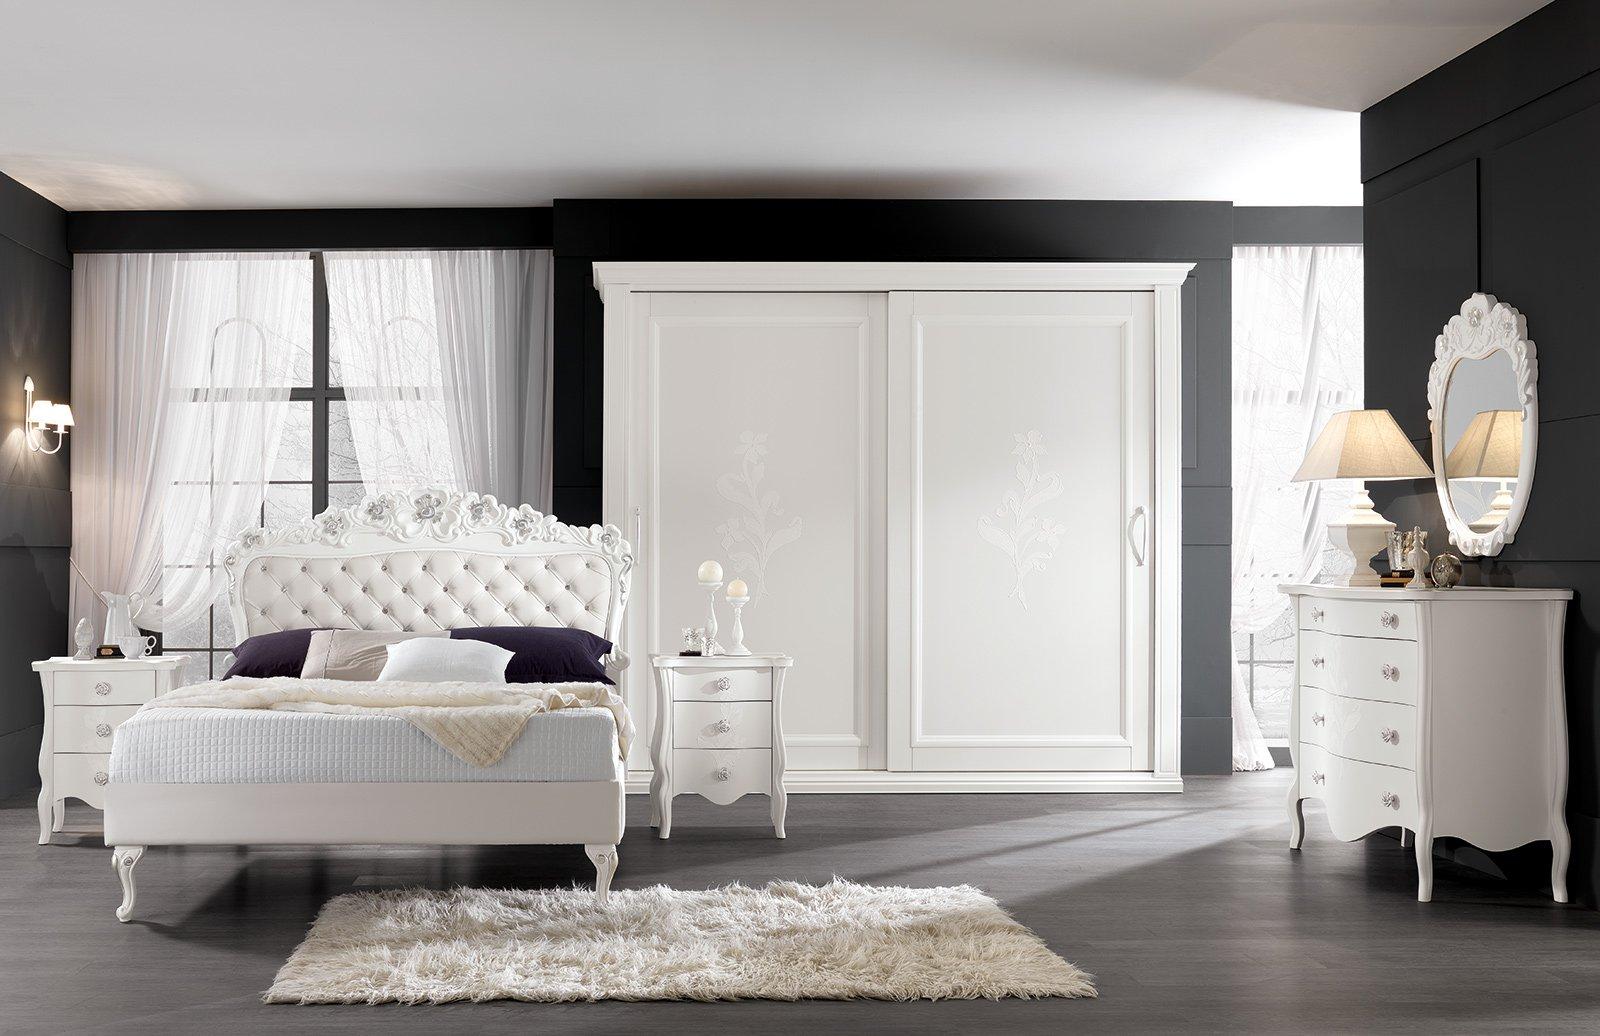 Letti imbottiti capitonn in versione classica cose di casa - Letto legno bianco ...